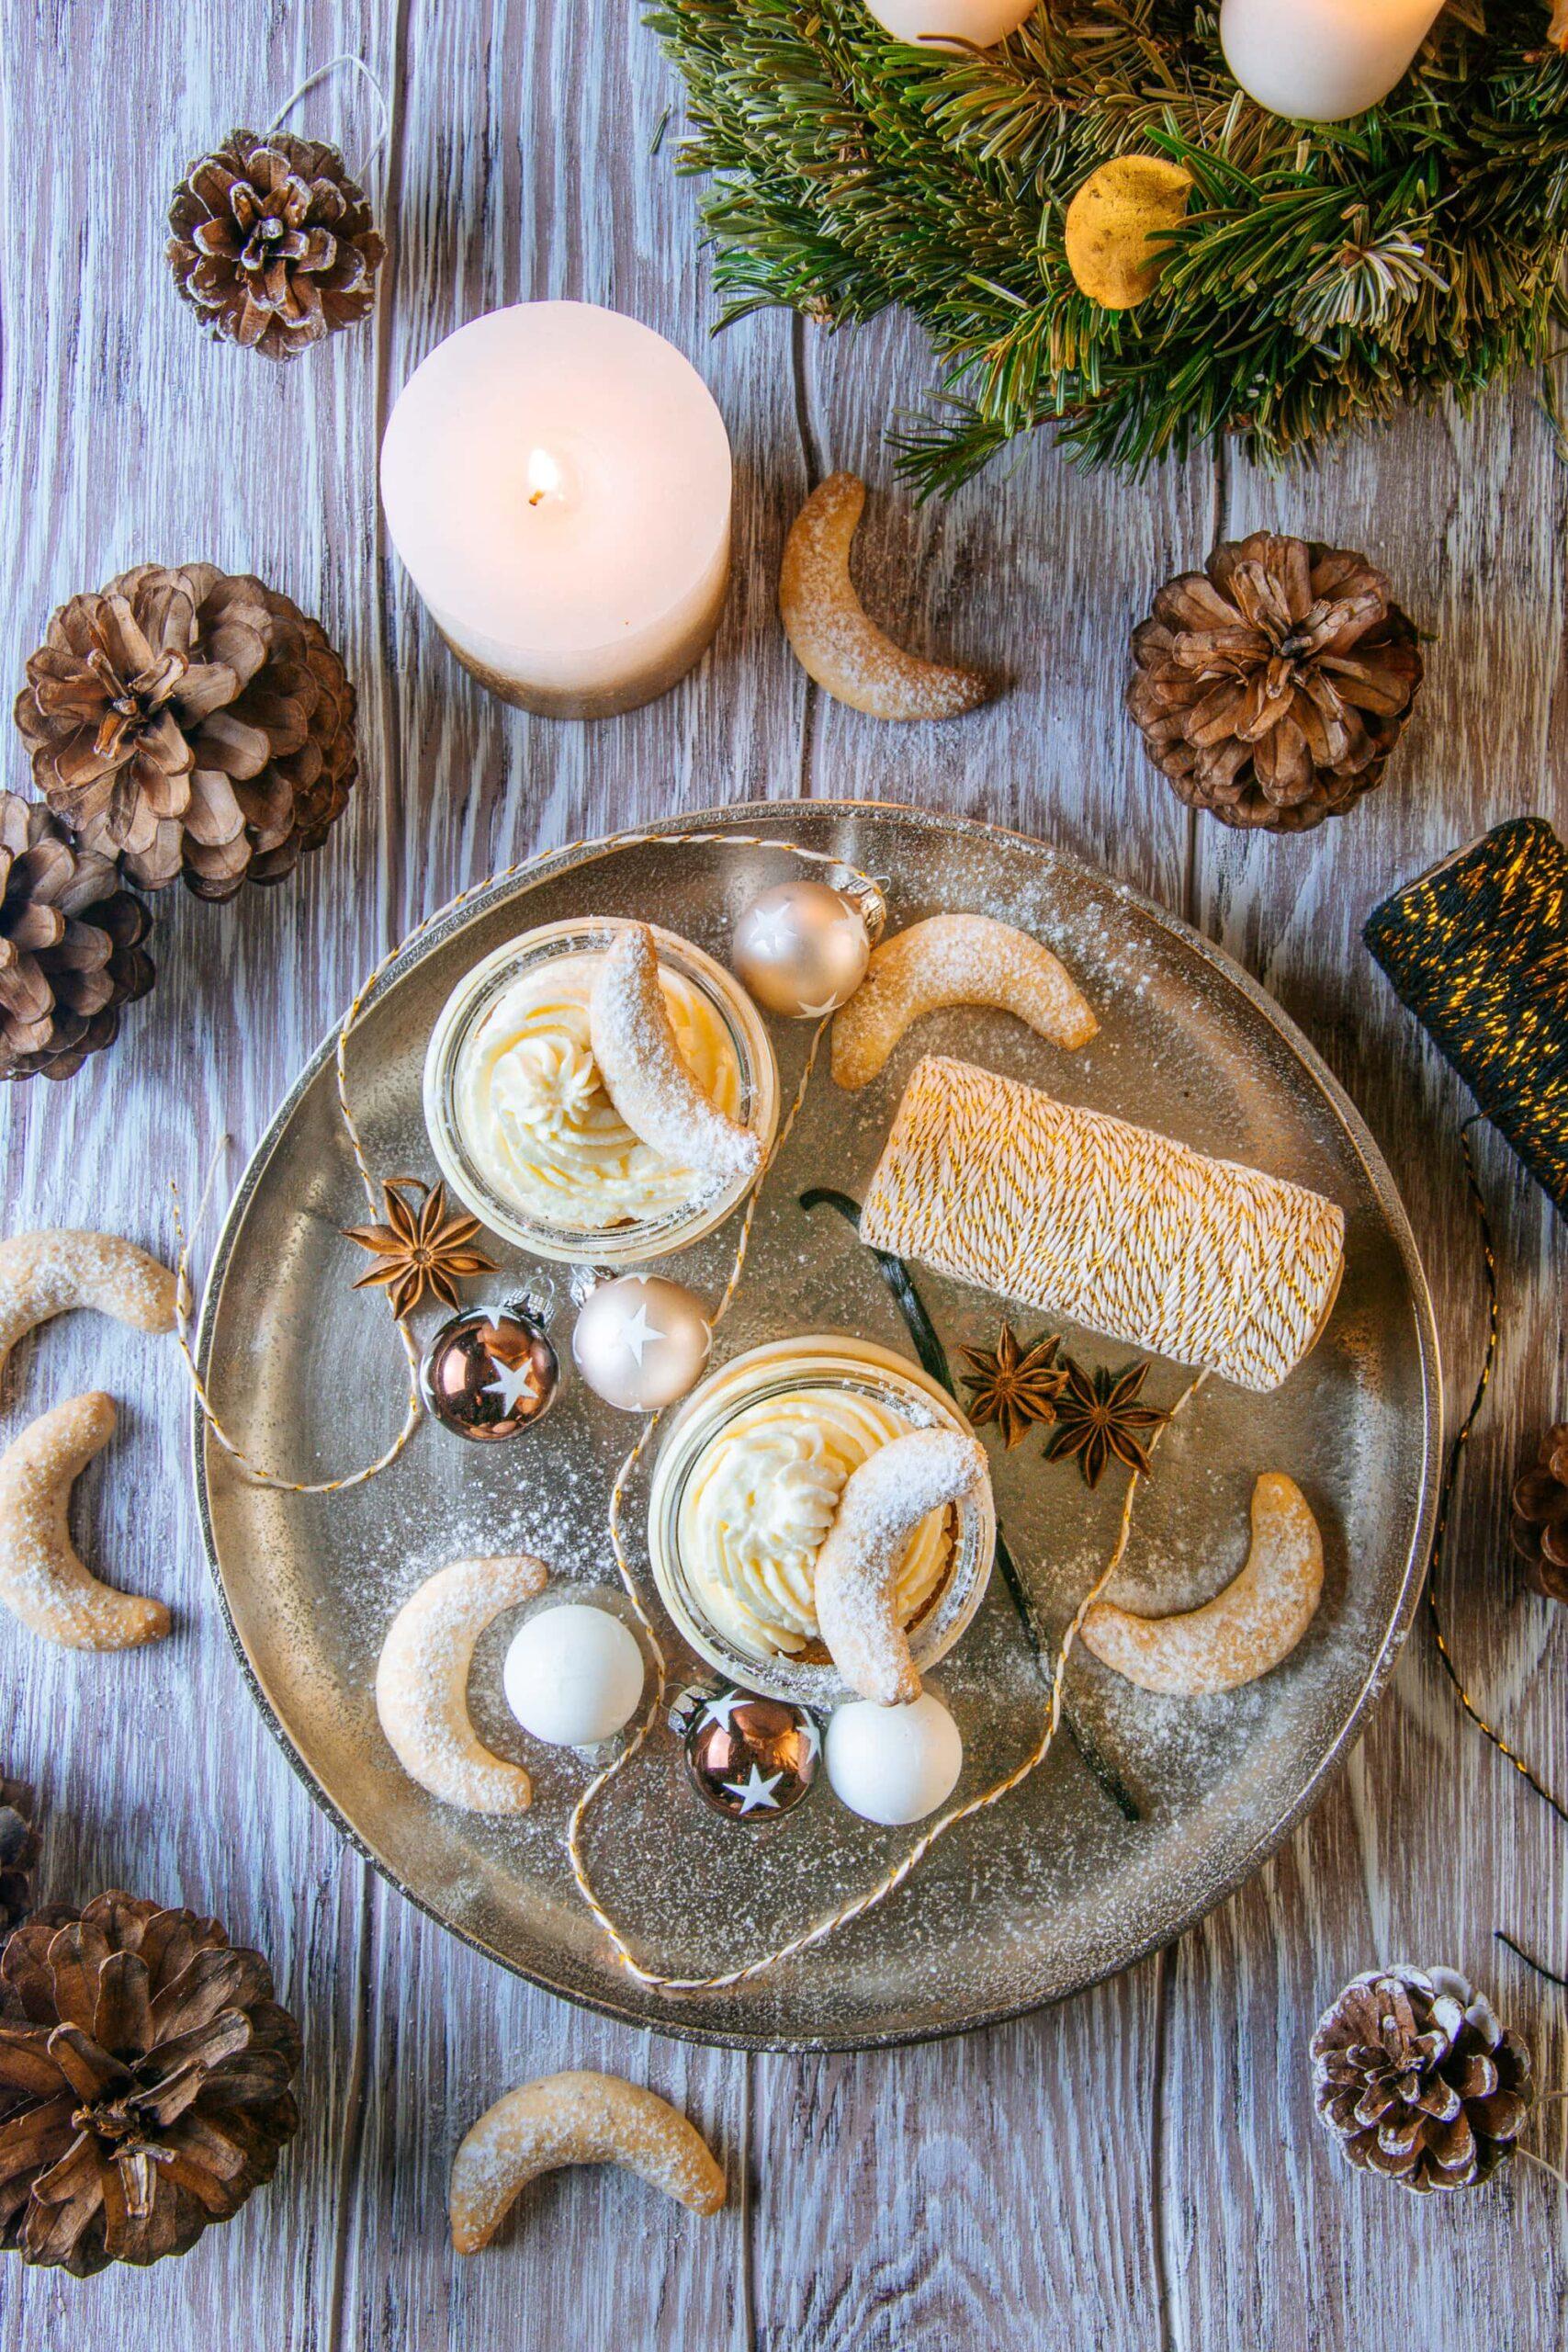 Zwei Gläser Vanillekipferl-Cheesecake-Dessert mit Mandelnougat auf einem großen goldenen Teller, verziert mit Vanillekipferln, kleinen Christbaumkugeln, Glitzergarn und Anissternen. Aufnahme von oben auf braunem Untergrund im rustikalen Stil.